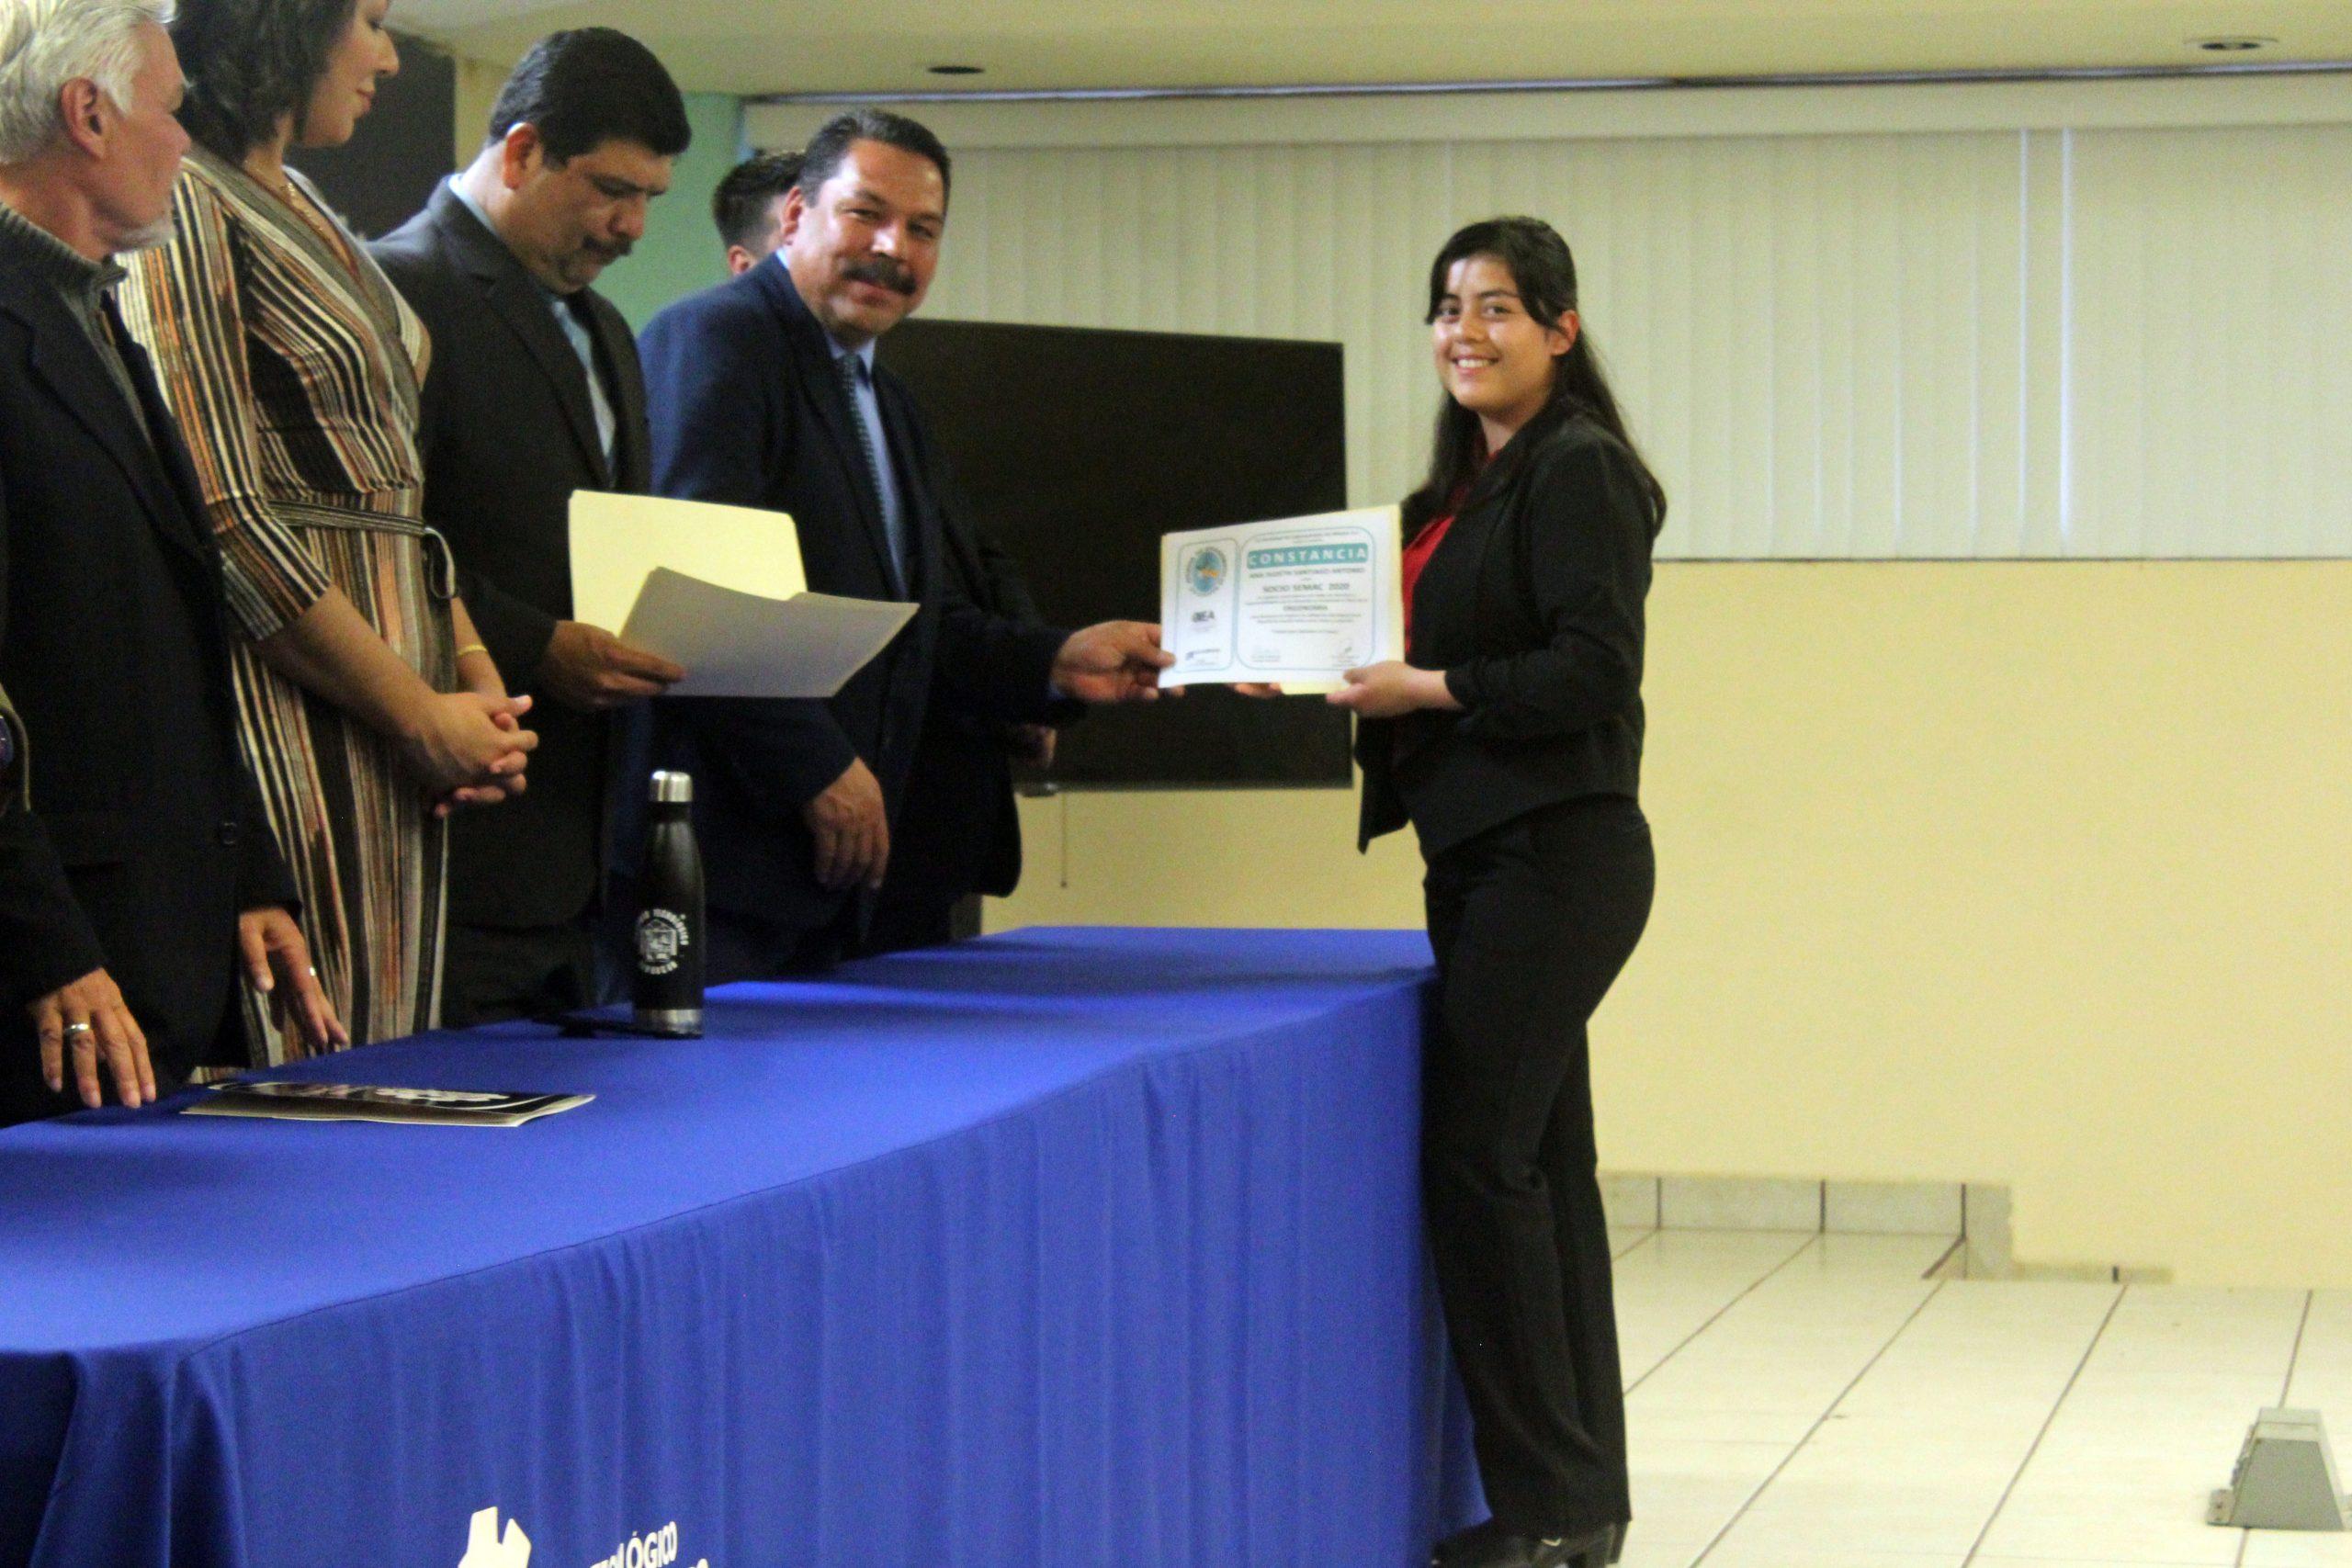 Estudiantes del TecNM Campus Agua Prieta reciben reconocimiento como nuevos miembros CAPUNI por parte de SEMAC